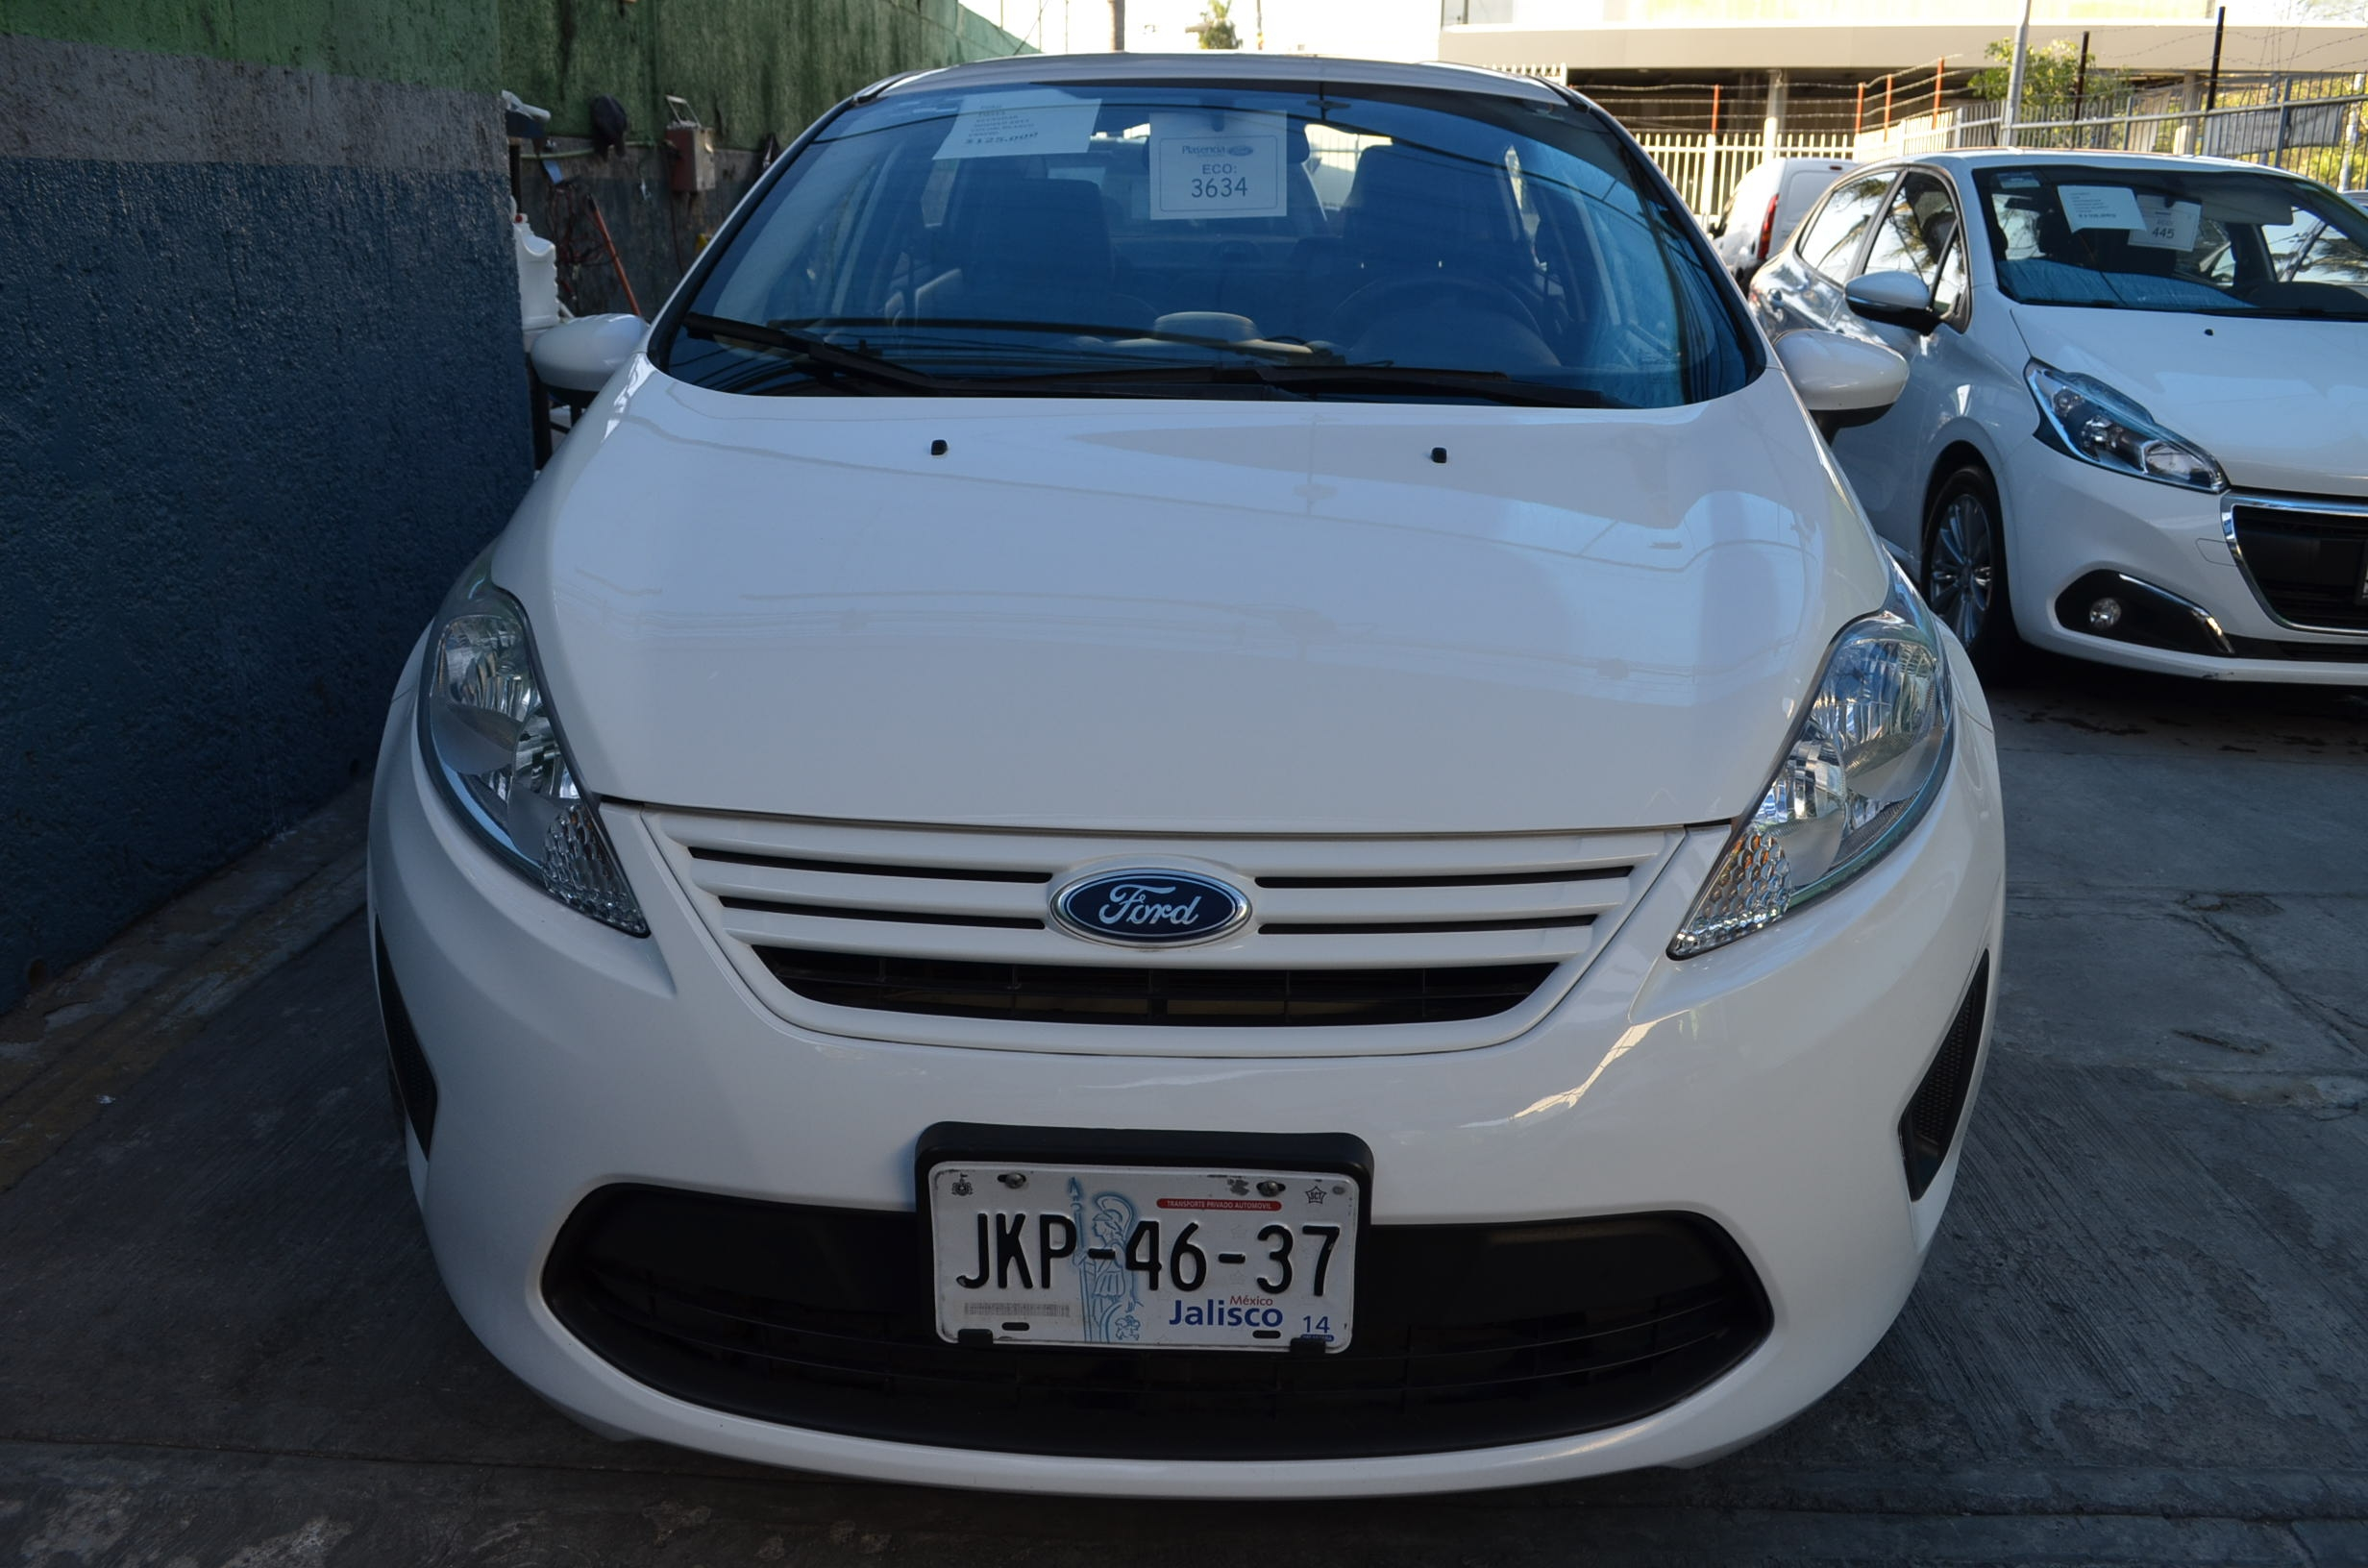 Ford Fiesta Sedán Llantas 1